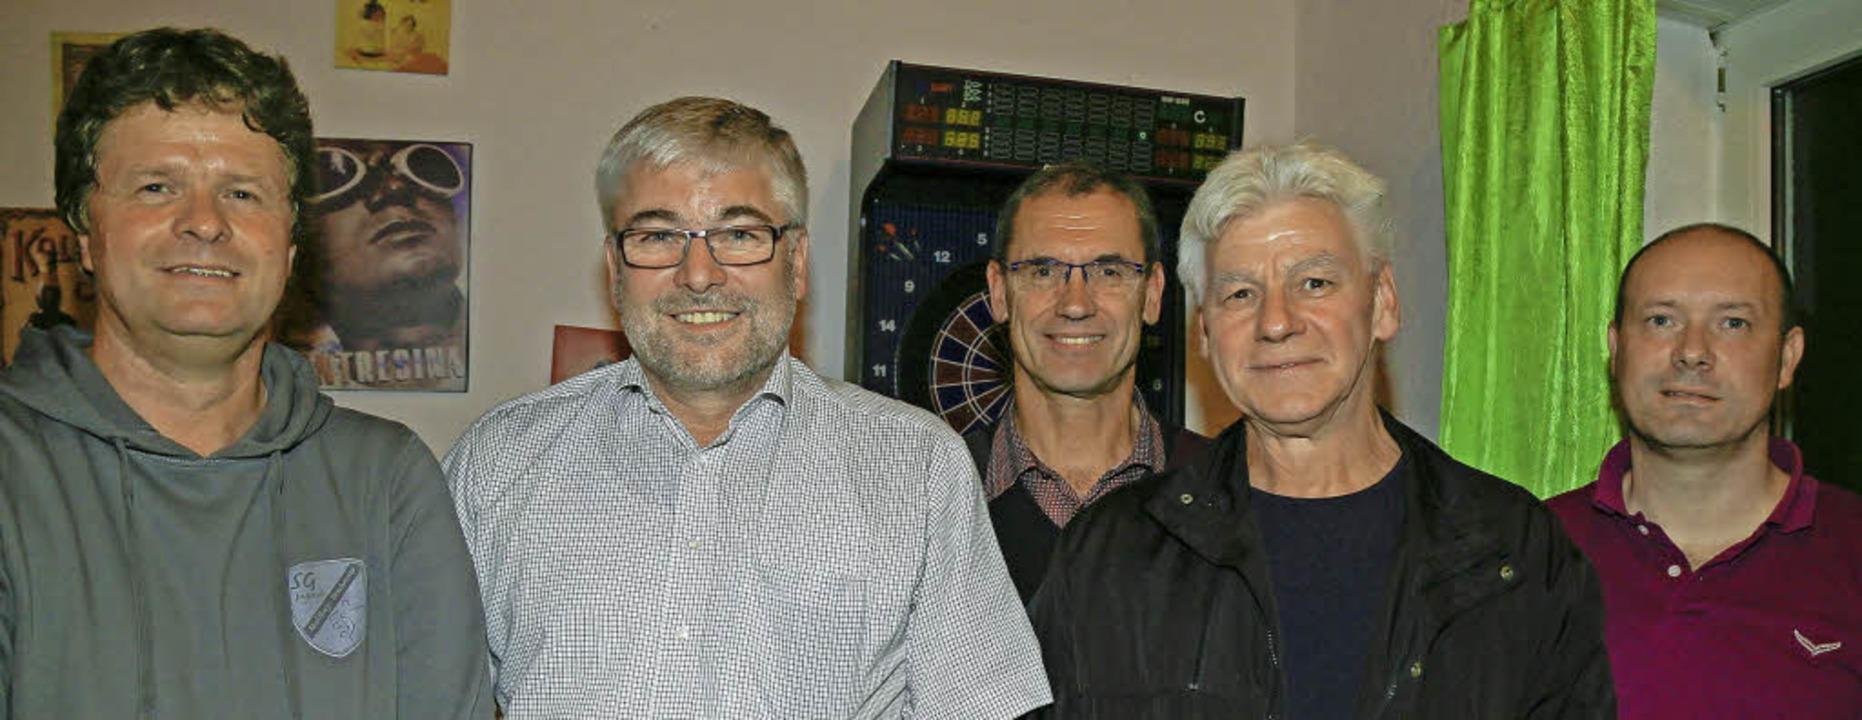 Seit 40 Jahren Mitglied im TuS Mahlber...t, Alfred Kesselring und  Timo Studer     Foto: Sandra Decoux-Kone